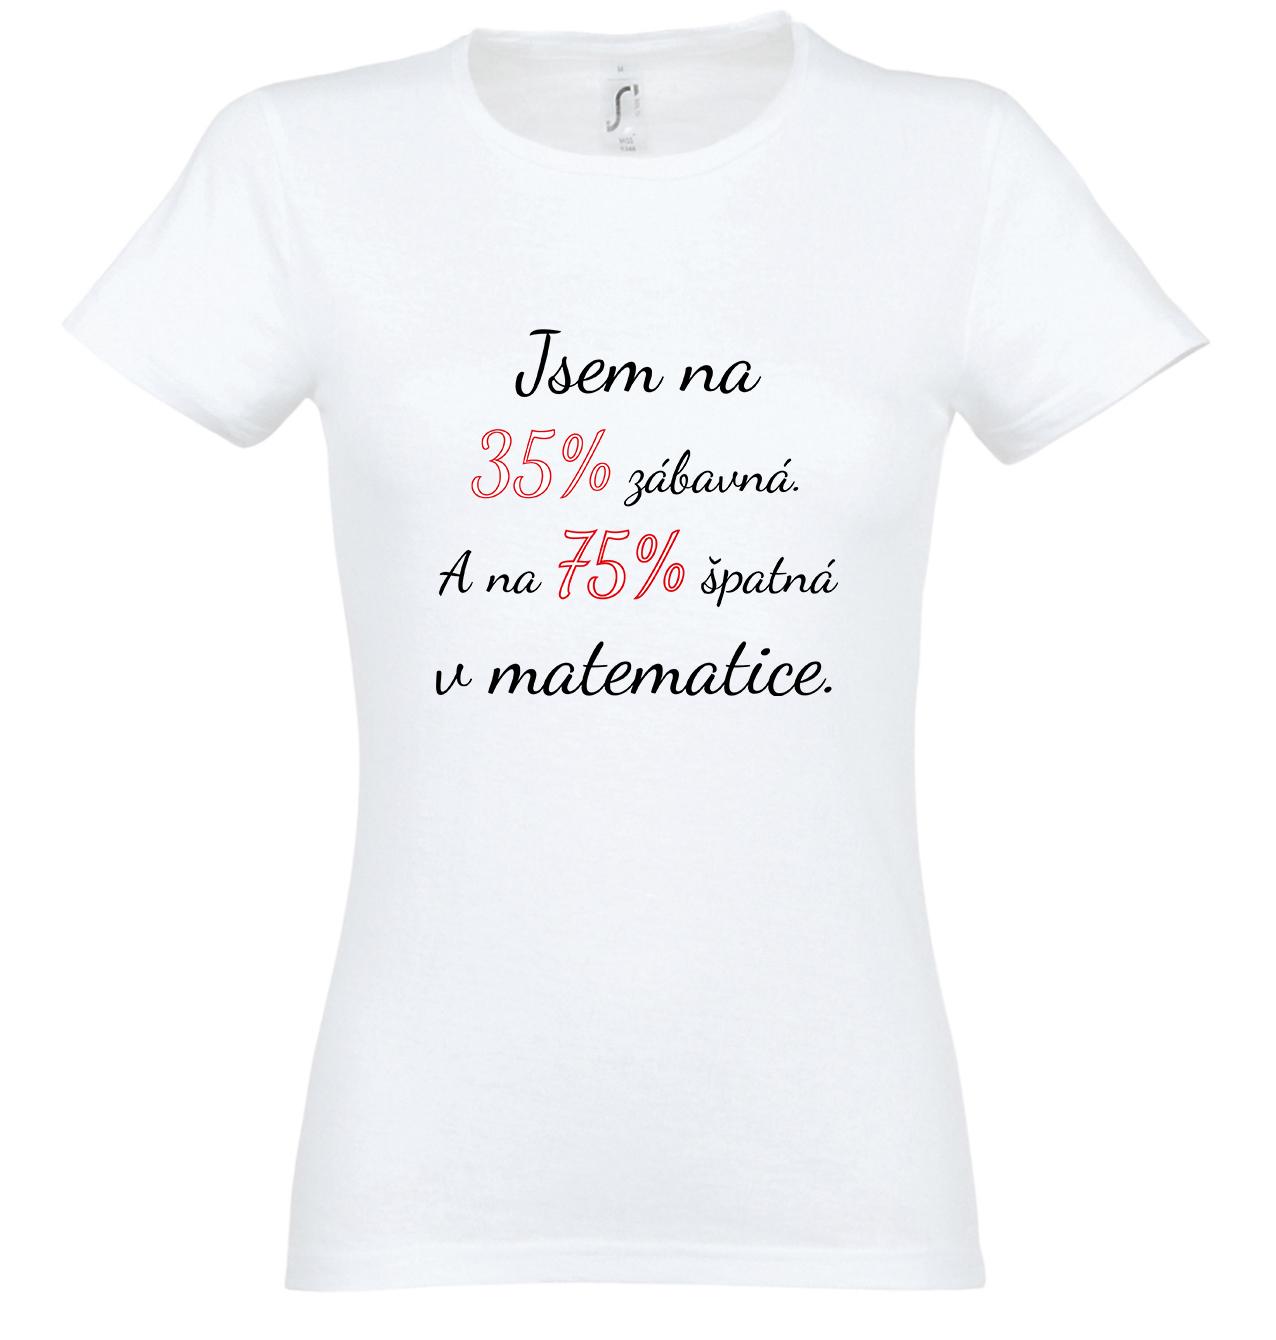 Zábavná matematička (černý nápis)